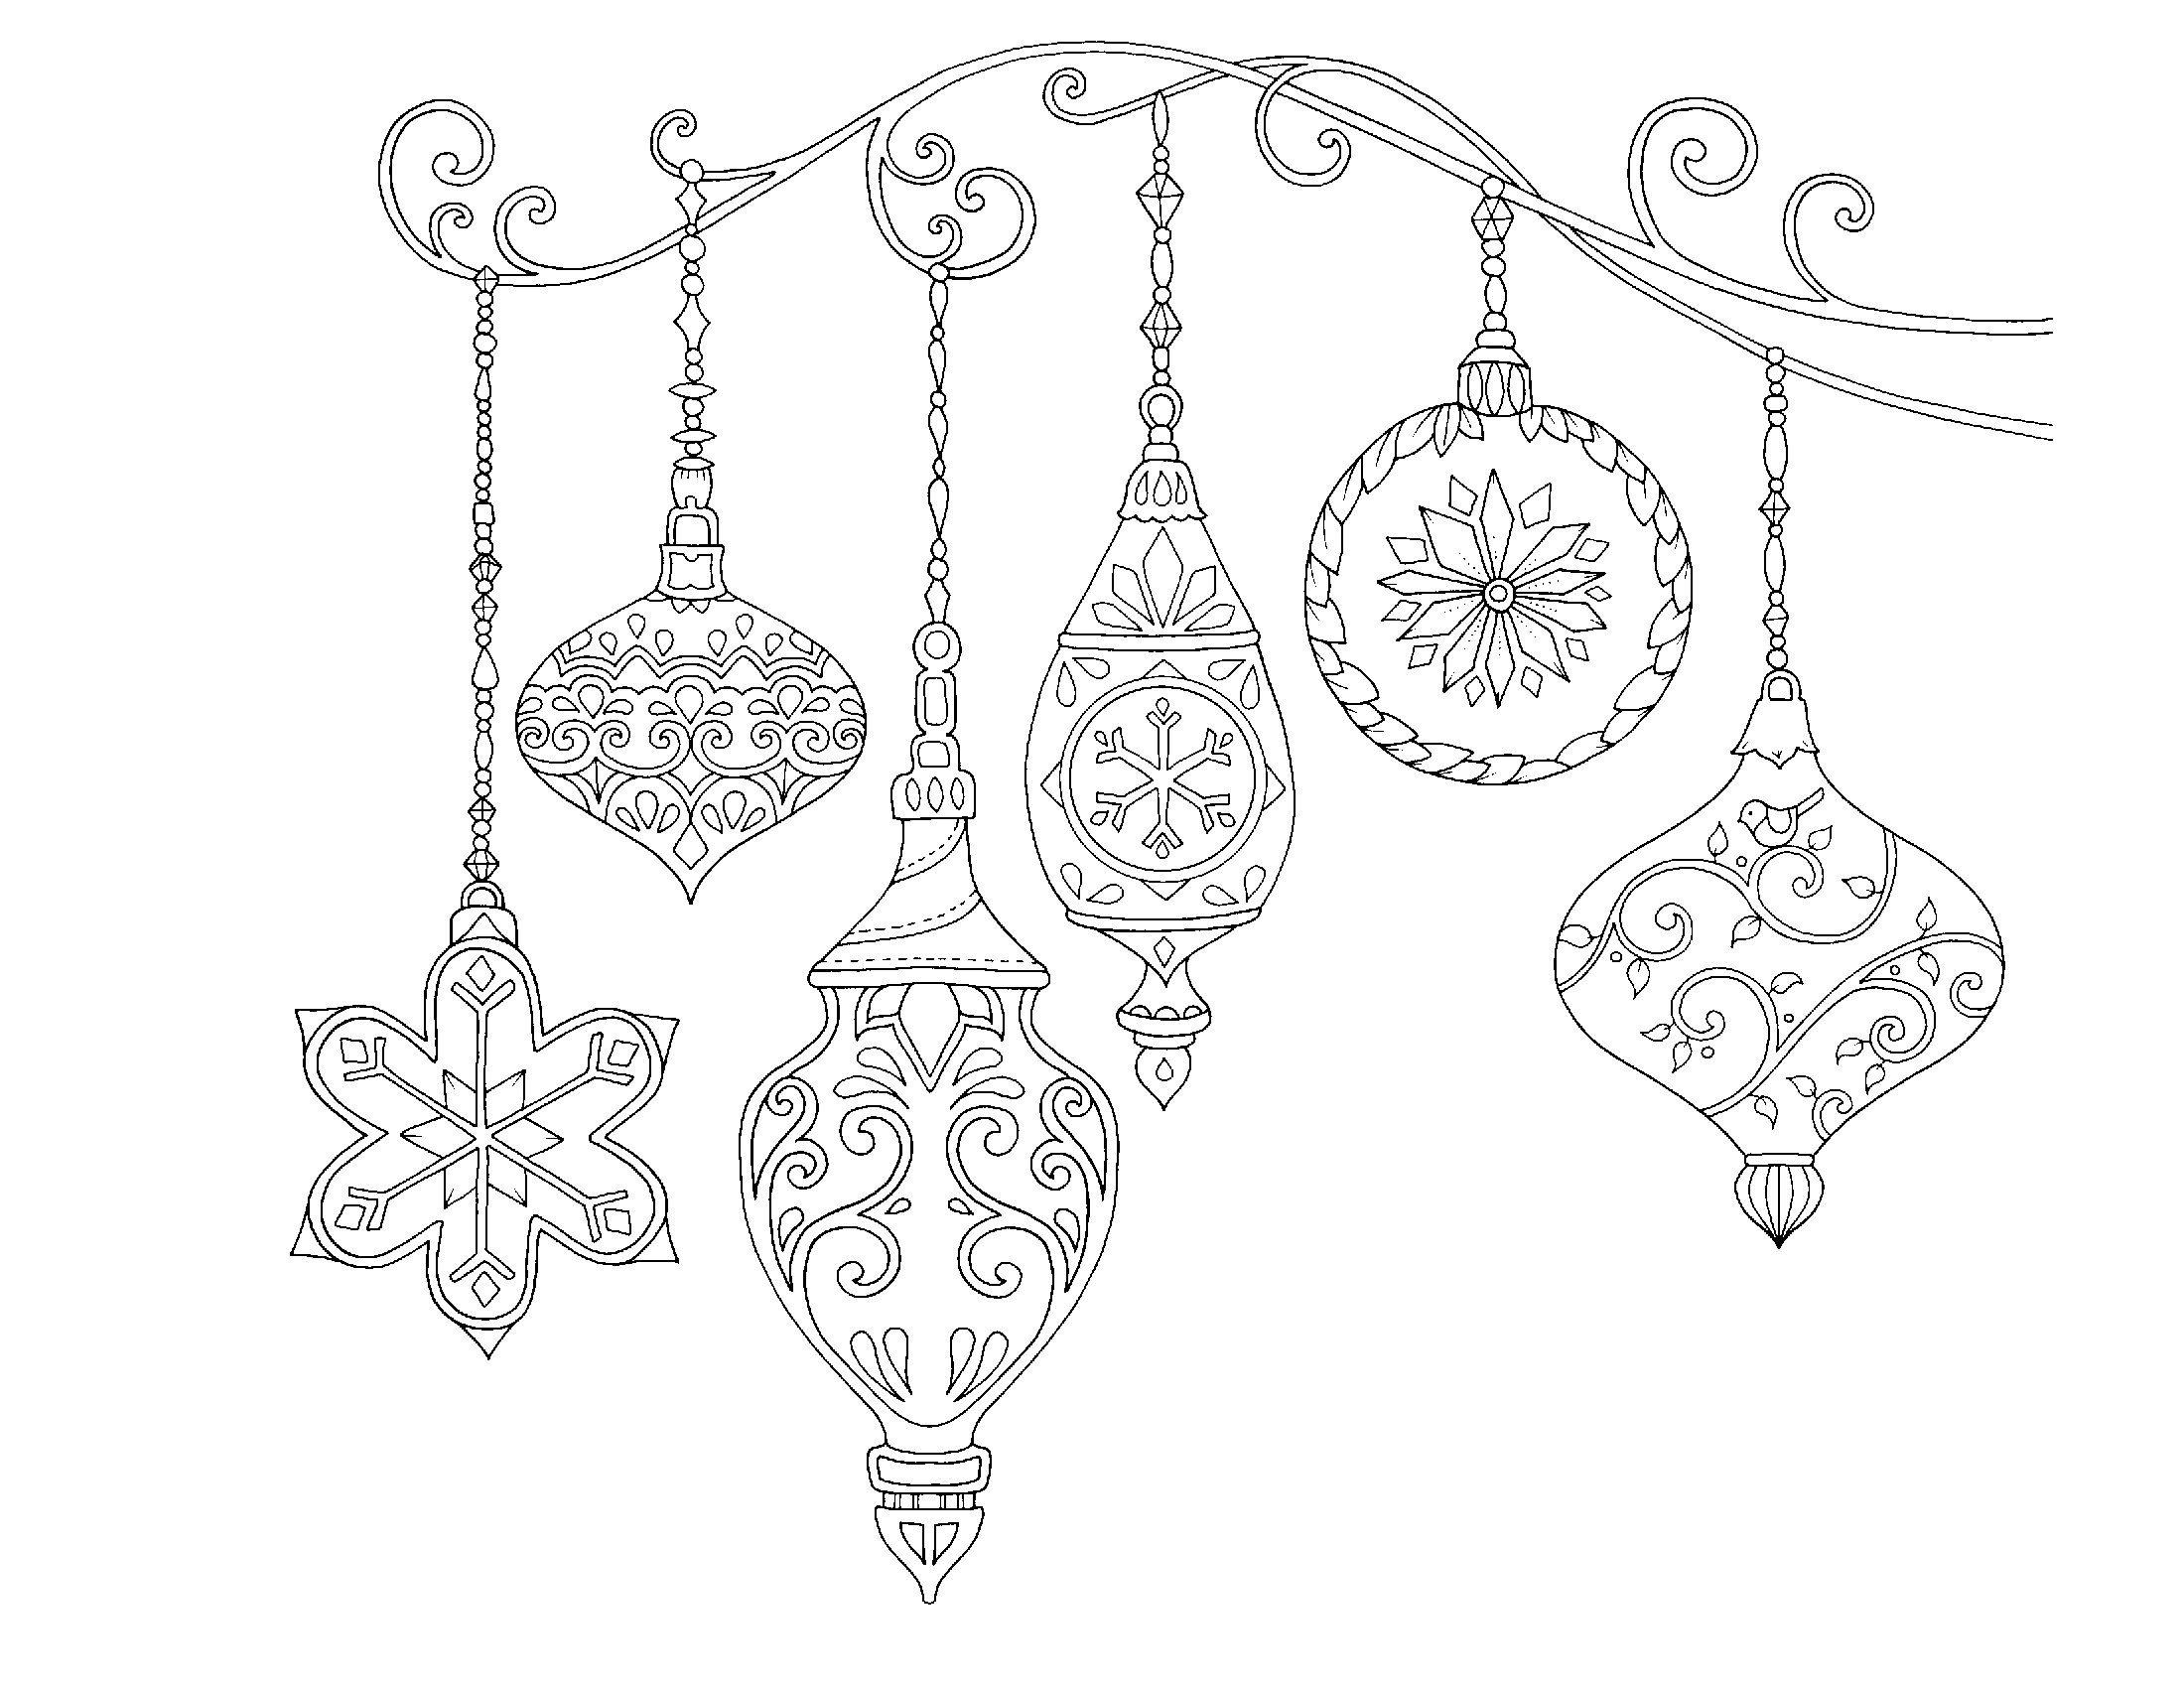 Раскраски антистресс «Новогодние украшения шары подвески», чтобы распечатать